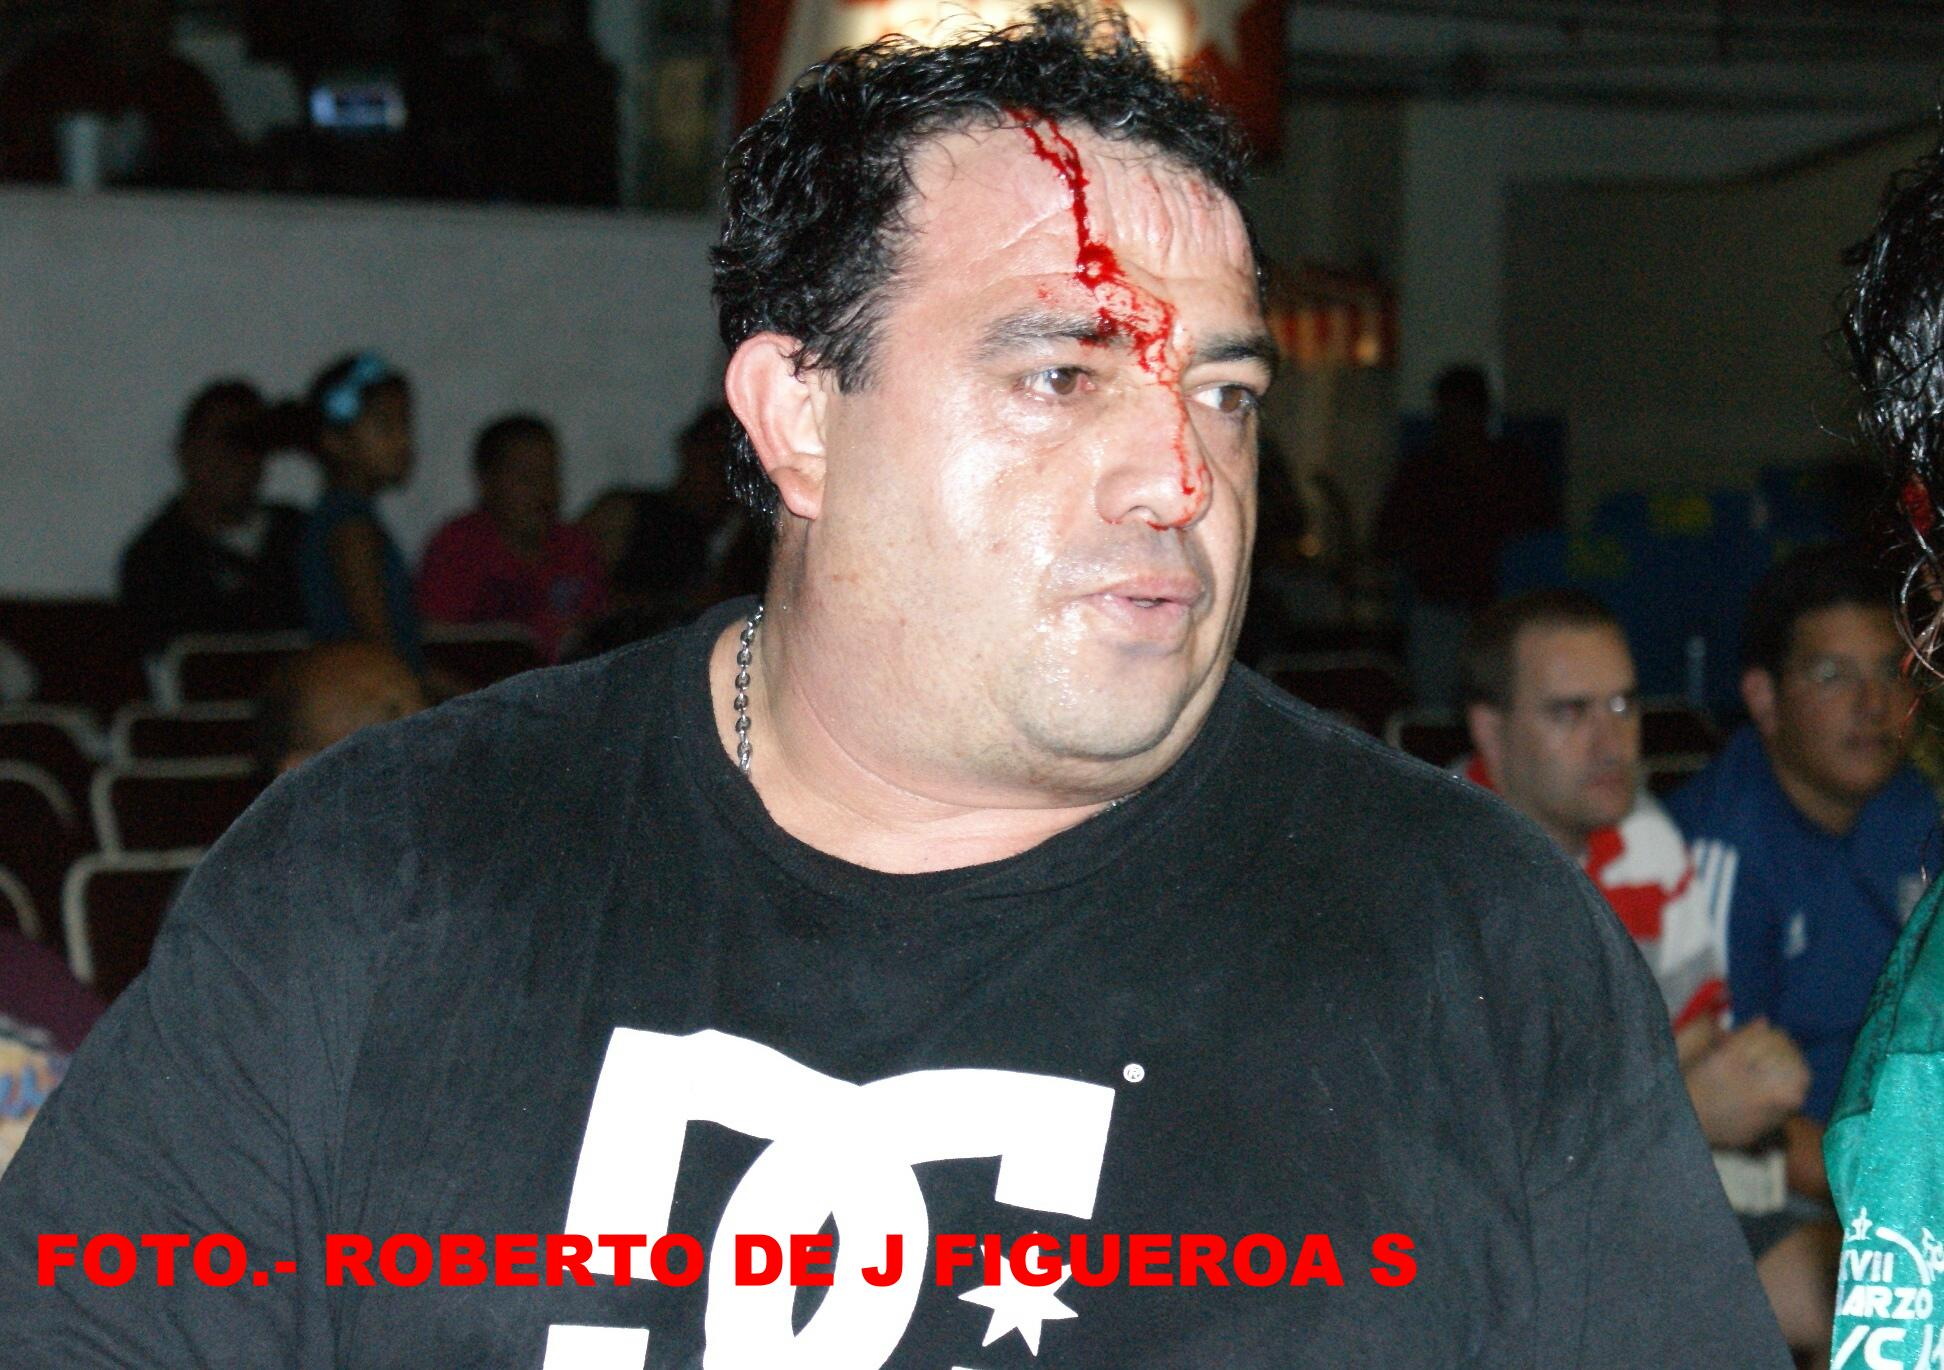 Luchadores Los Porros Los Luchadores Que Han